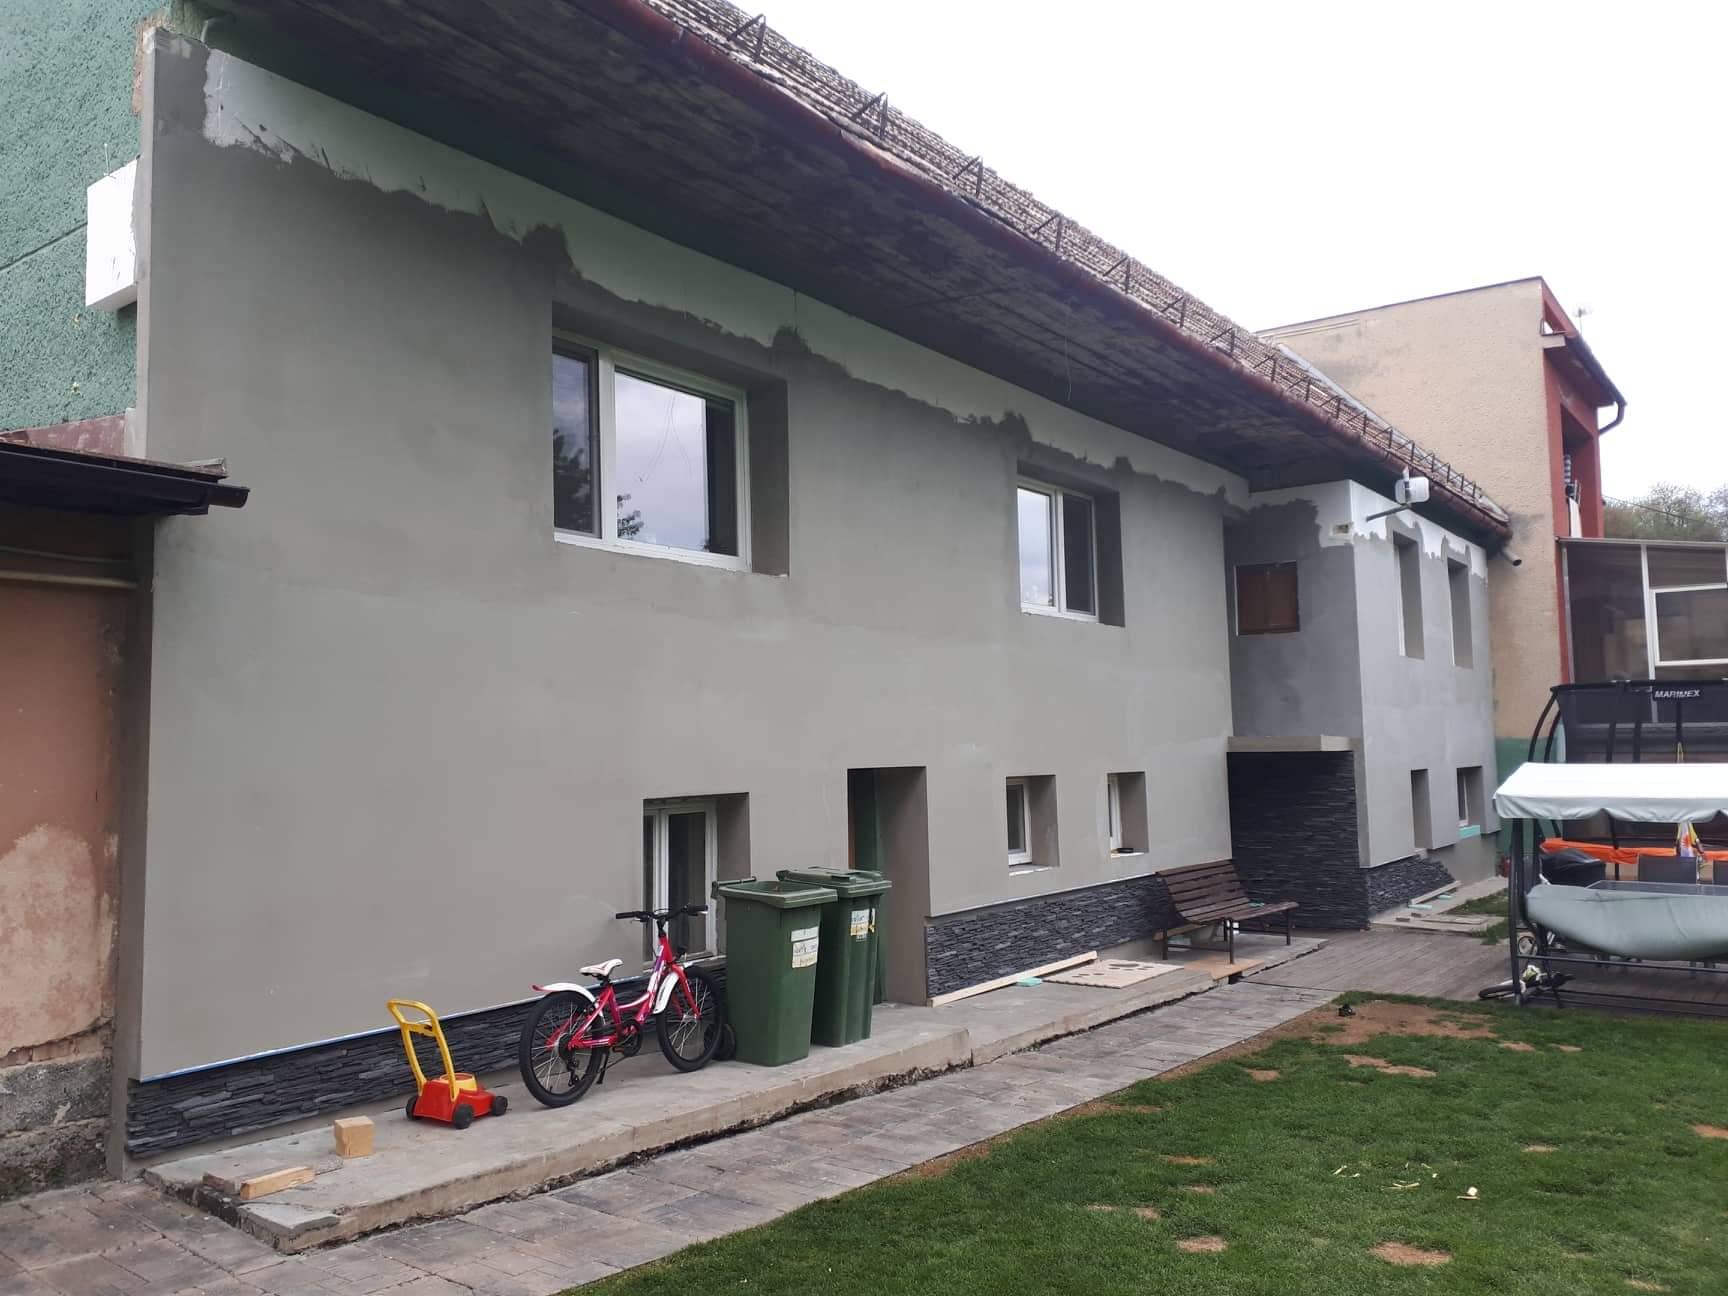 Naša rekonštrukcia - ... hotovo, čaká nás strecha a fasáda :)